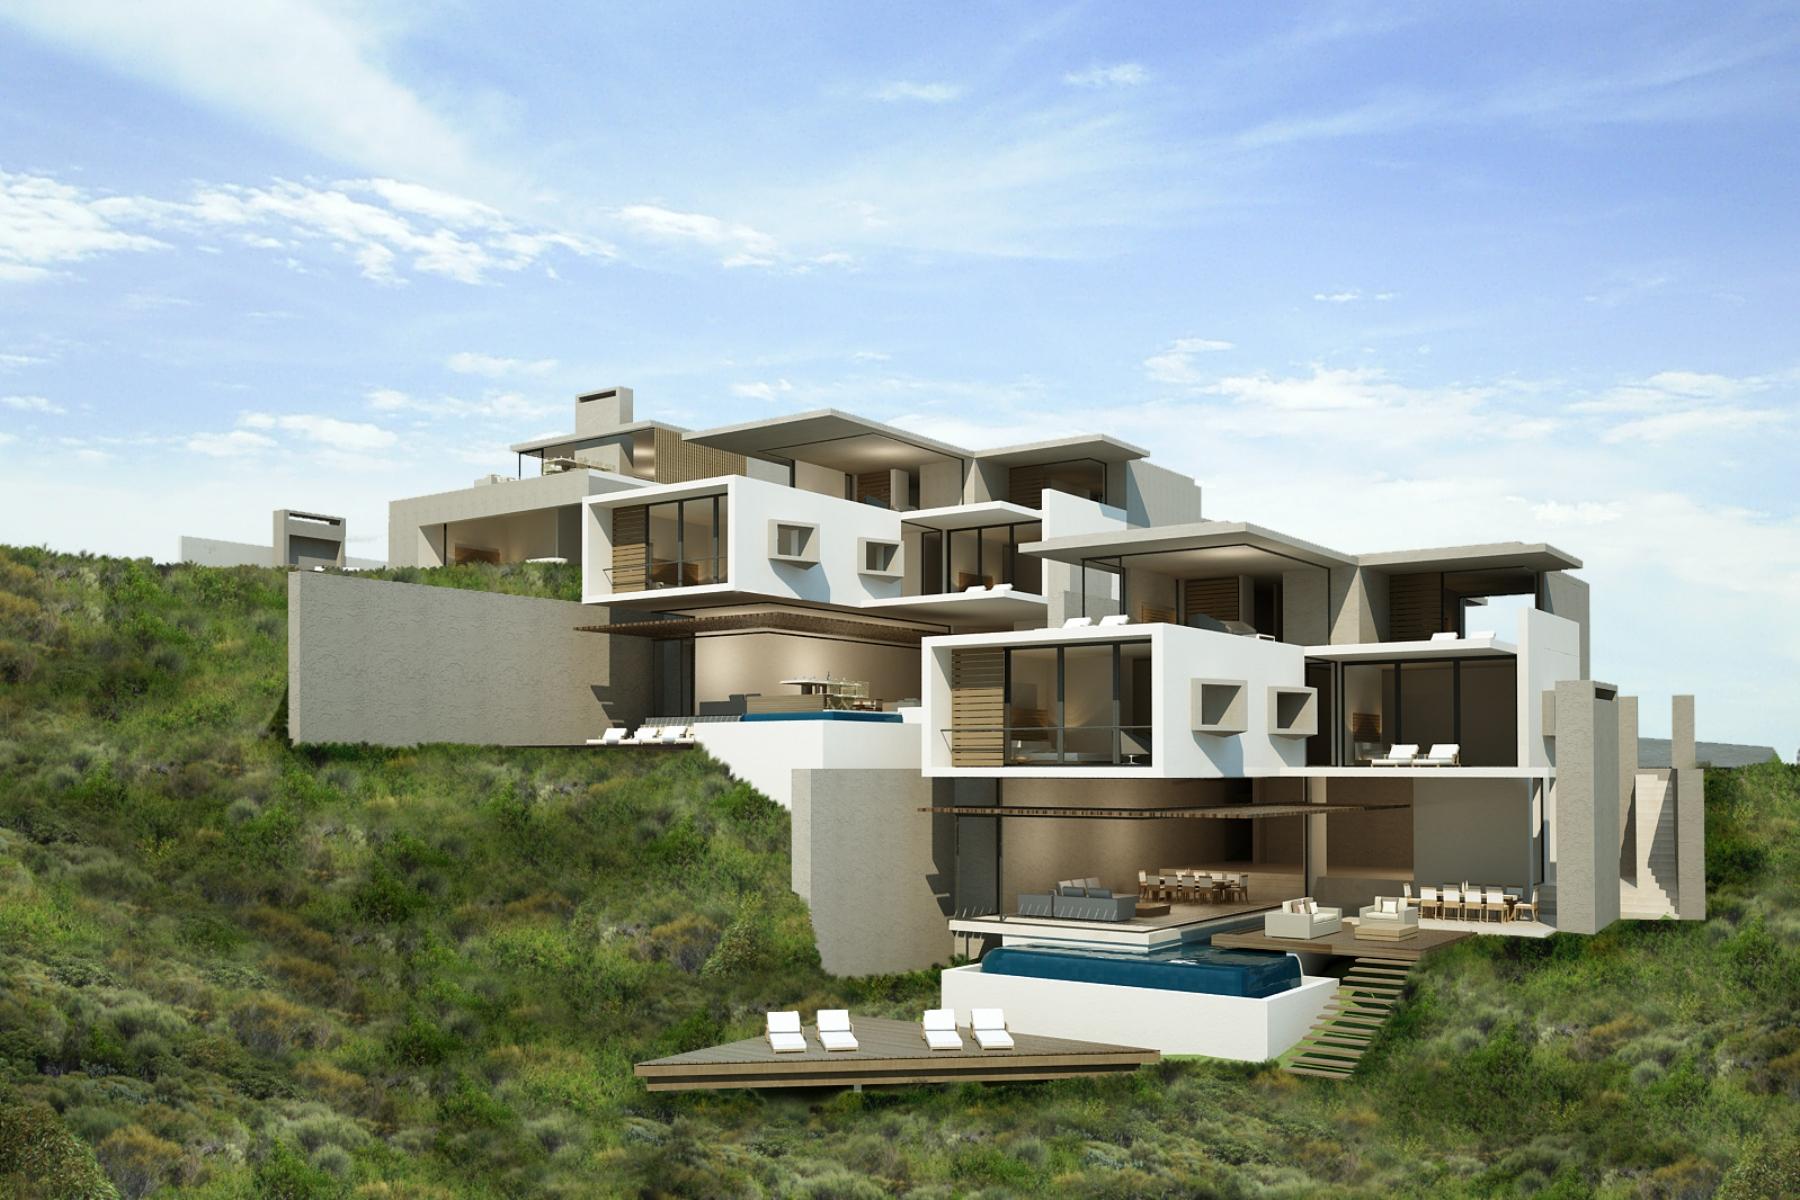 Casa para uma família para Venda às One Beachy Head Drive Plettenberg Bay, Western Cape, 6600 África Do Sul